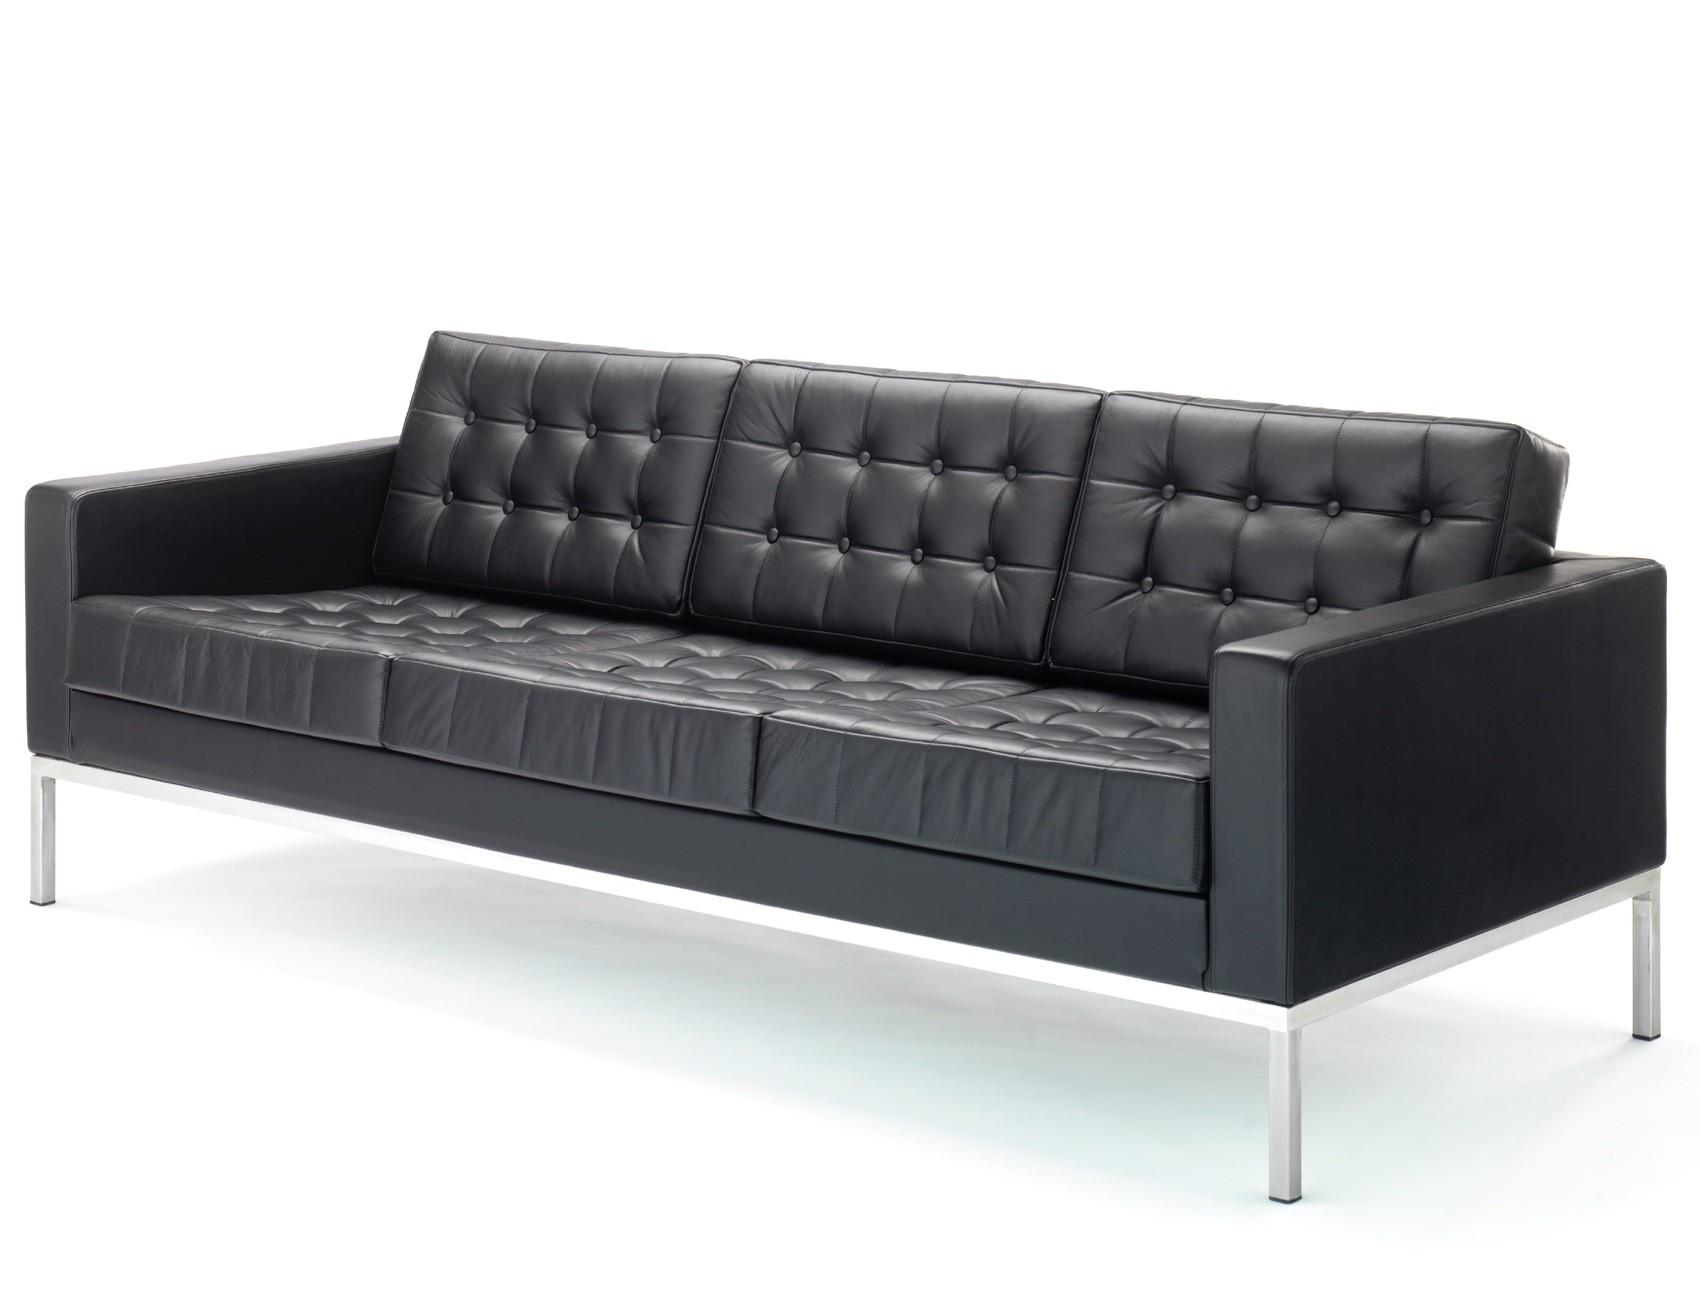 Wunderbar Sofa Mit Funktion Referenz Von